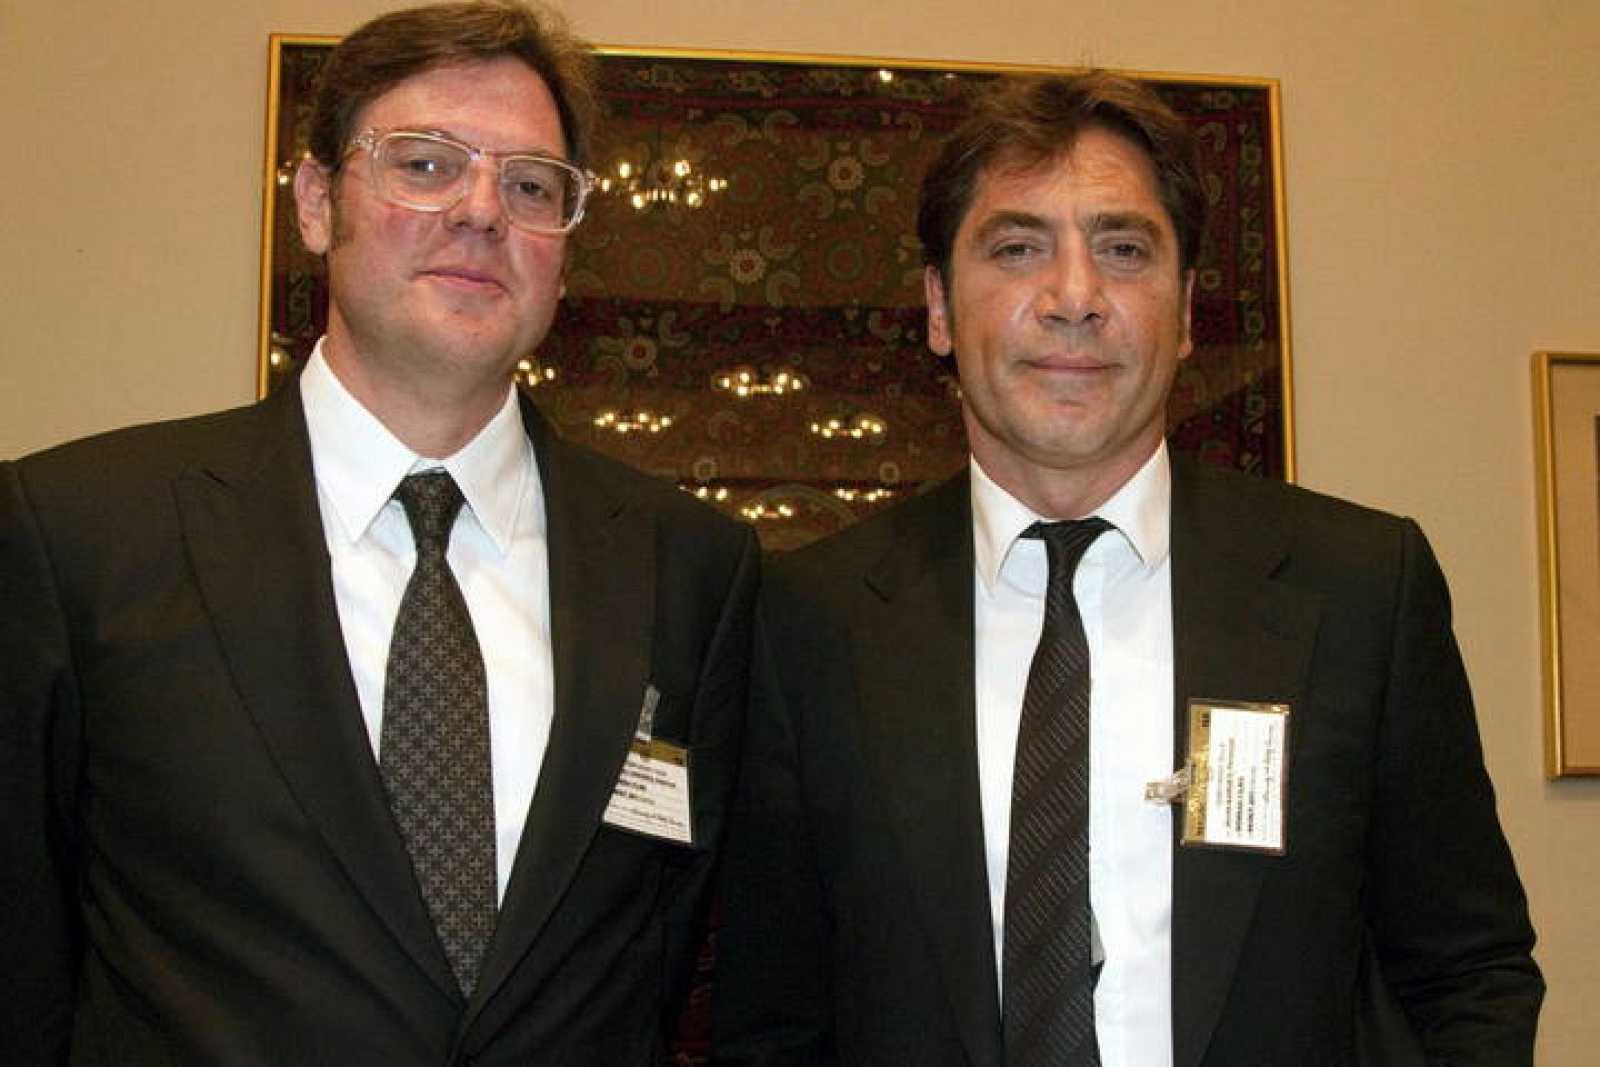 El actor español Javier Bardem y el realizador Álvaro Longoria posan durante una rueda de prensa sobre la situación actual del Sahara Occidental.